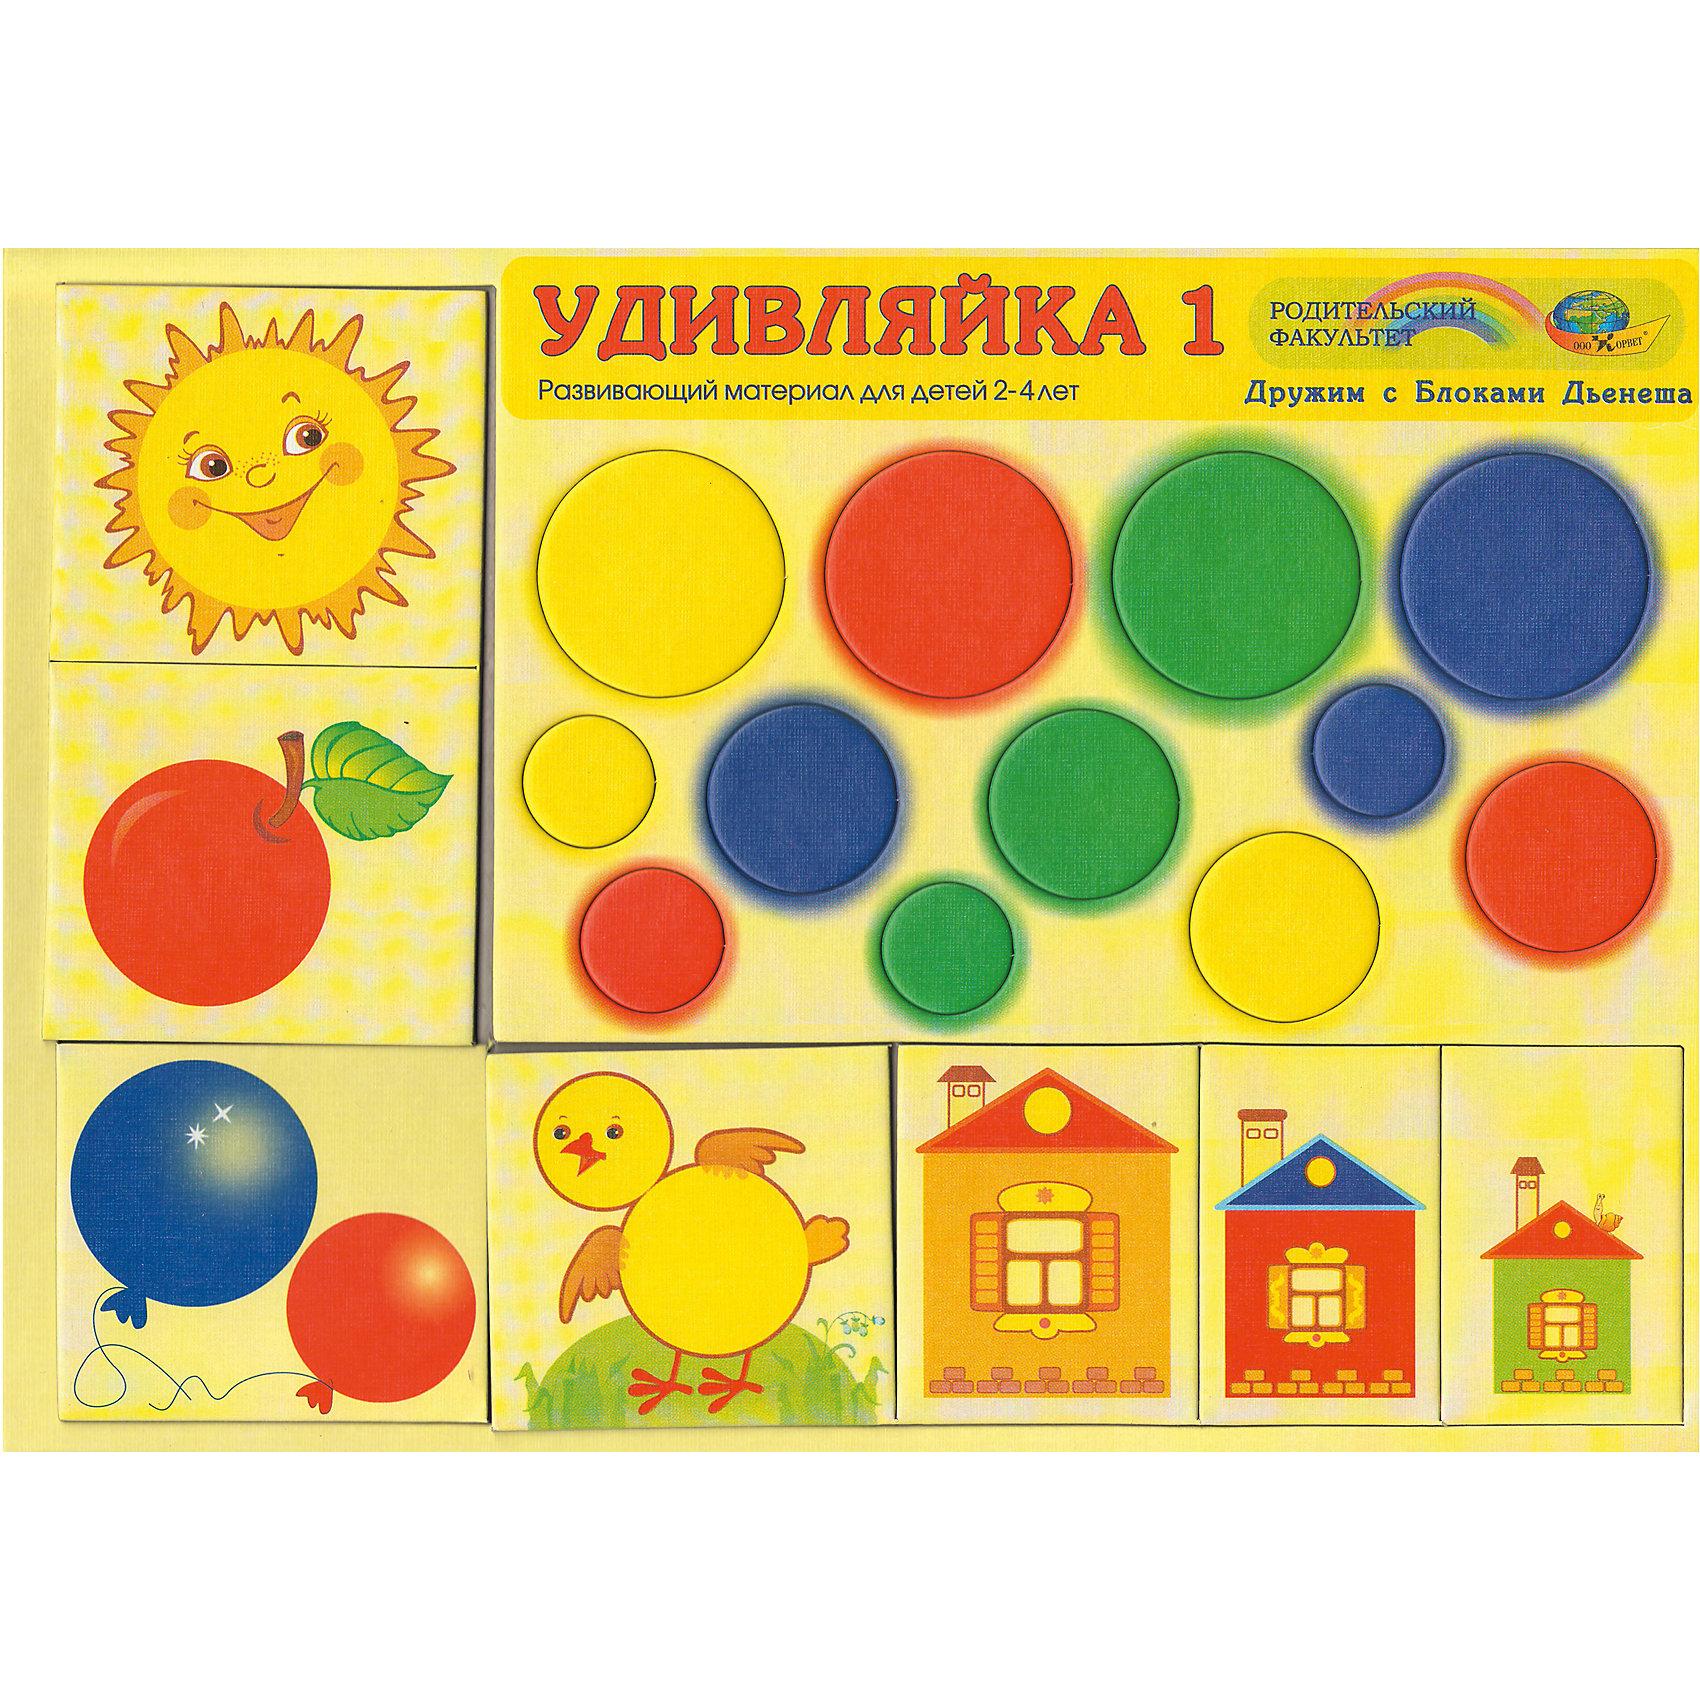 Развивающая игра Удивляйка 1. С блоками ДьенешаСостав игры Удивляйка 1 -12 кругов четырех цветов и трех размеров, 3 домика разных размеров. Малыши смогут научиться различать круг, треугольник, квадрат; выделять свойства (цвет и размер); сравнивать и группировать. Это первые шаги в освоении логики, опыт конструирования из геометрических фигур. Игровые упражнения Удивляек – начальная ступень к играм с логическими блоками Дьенеша.<br><br>Ширина мм: 30<br>Глубина мм: 21<br>Высота мм: 1<br>Вес г: 140<br>Возраст от месяцев: 24<br>Возраст до месяцев: 48<br>Пол: Унисекс<br>Возраст: Детский<br>SKU: 4803008